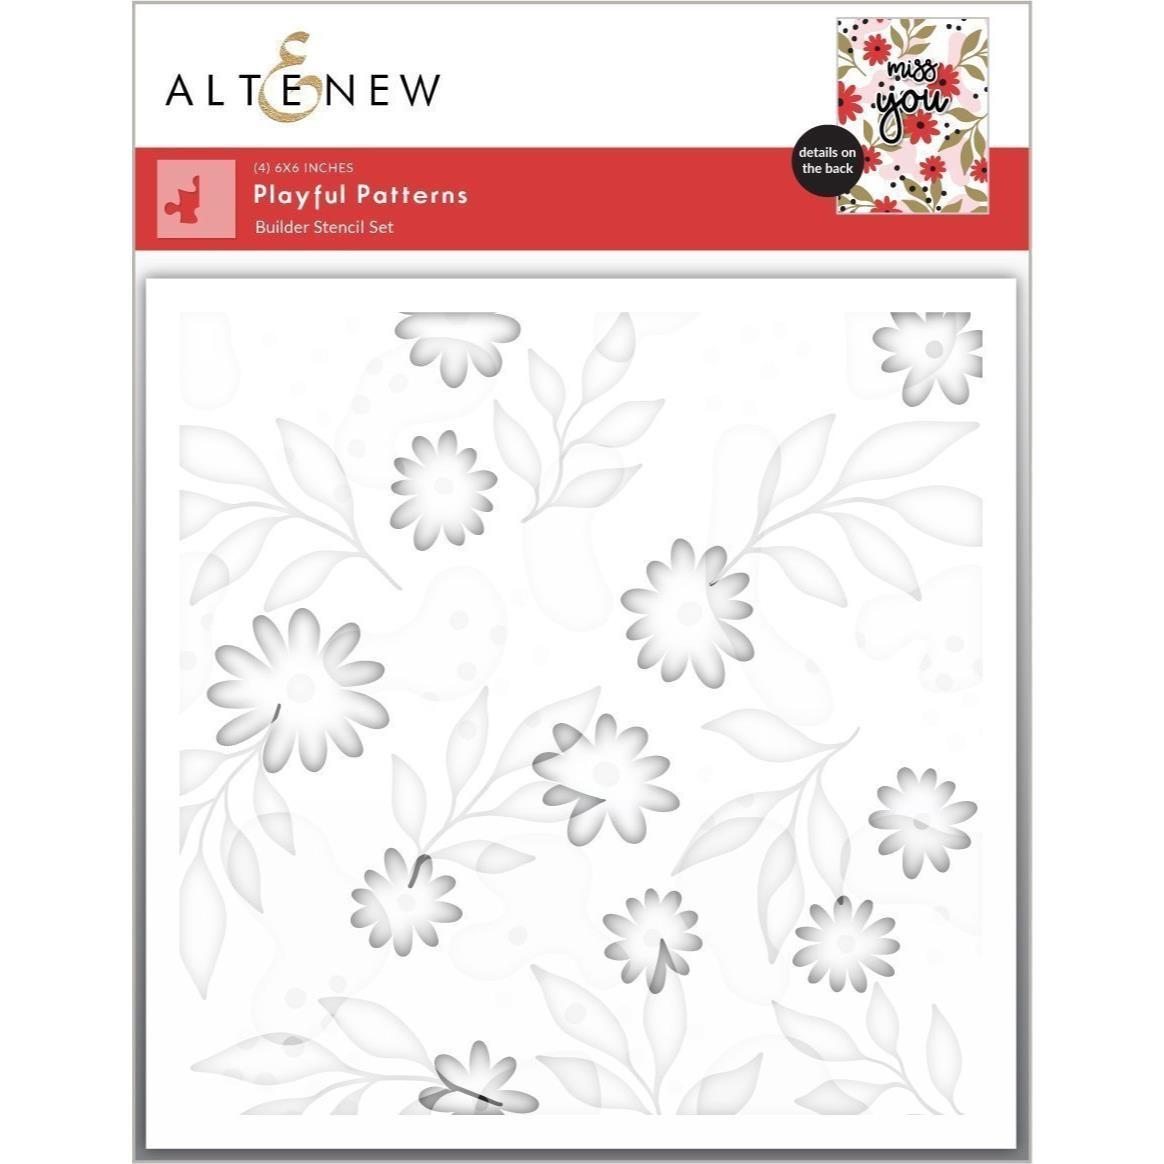 Playful Patterns, Altenew Stencils -